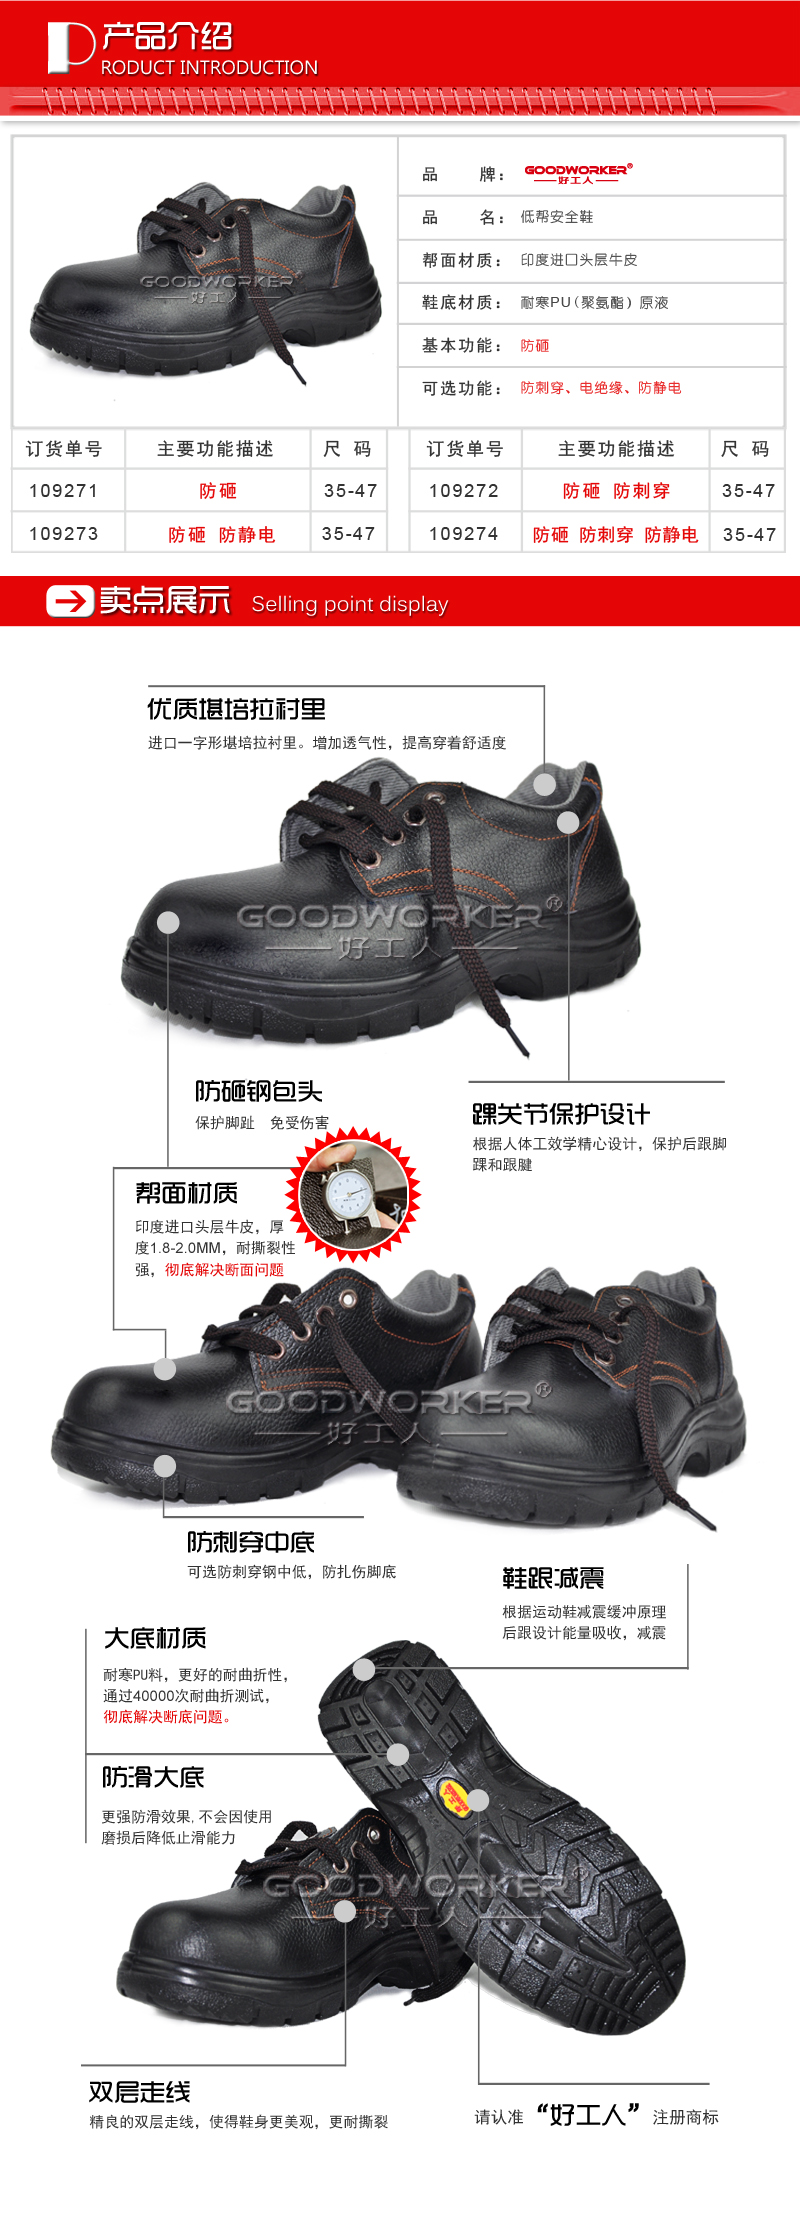 低邦威廉希尔手机版|矿工鞋|劳动保护鞋